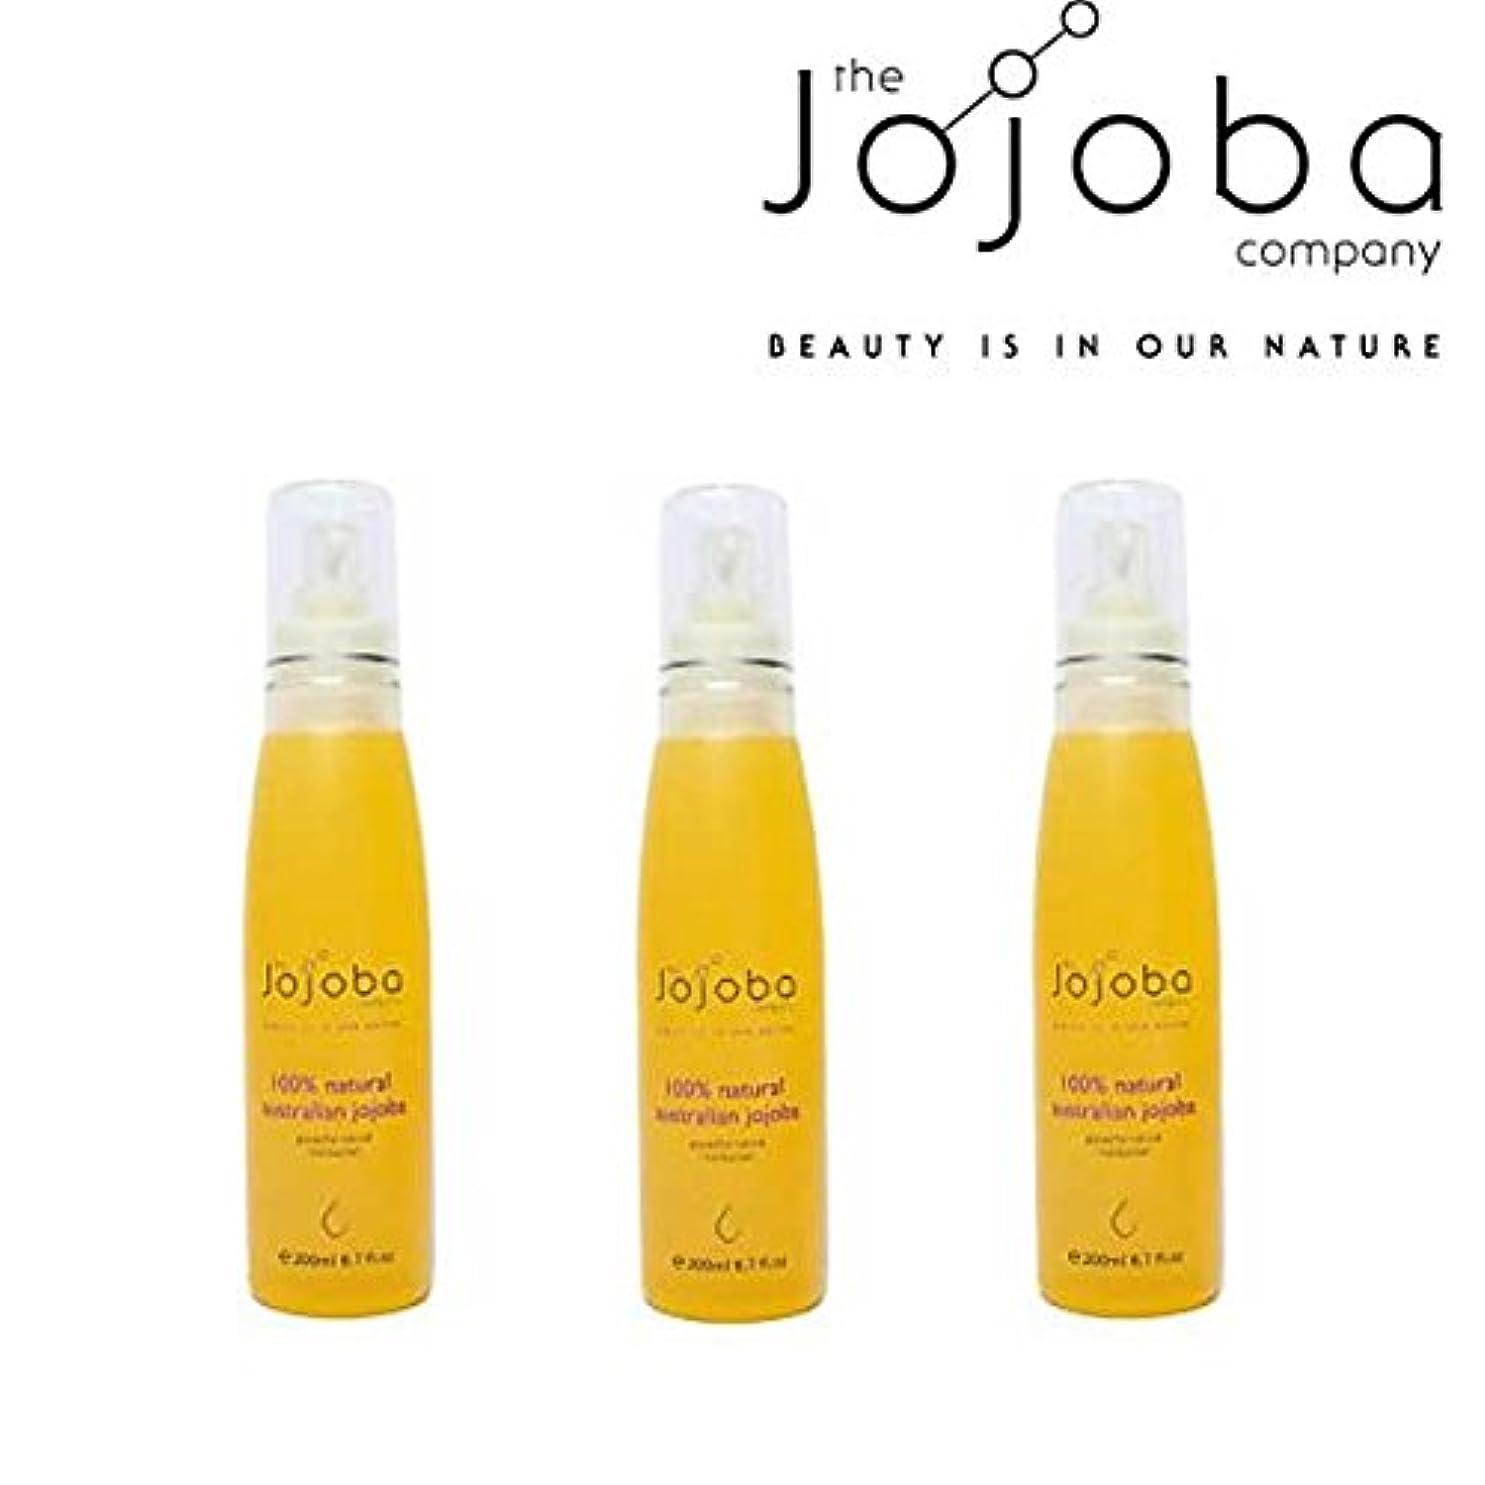 眠り放映減少[The jojoba Company]天然100% オーストラリア産ゴールデンホホバオイル200ml(3本セット)[海外直送品]